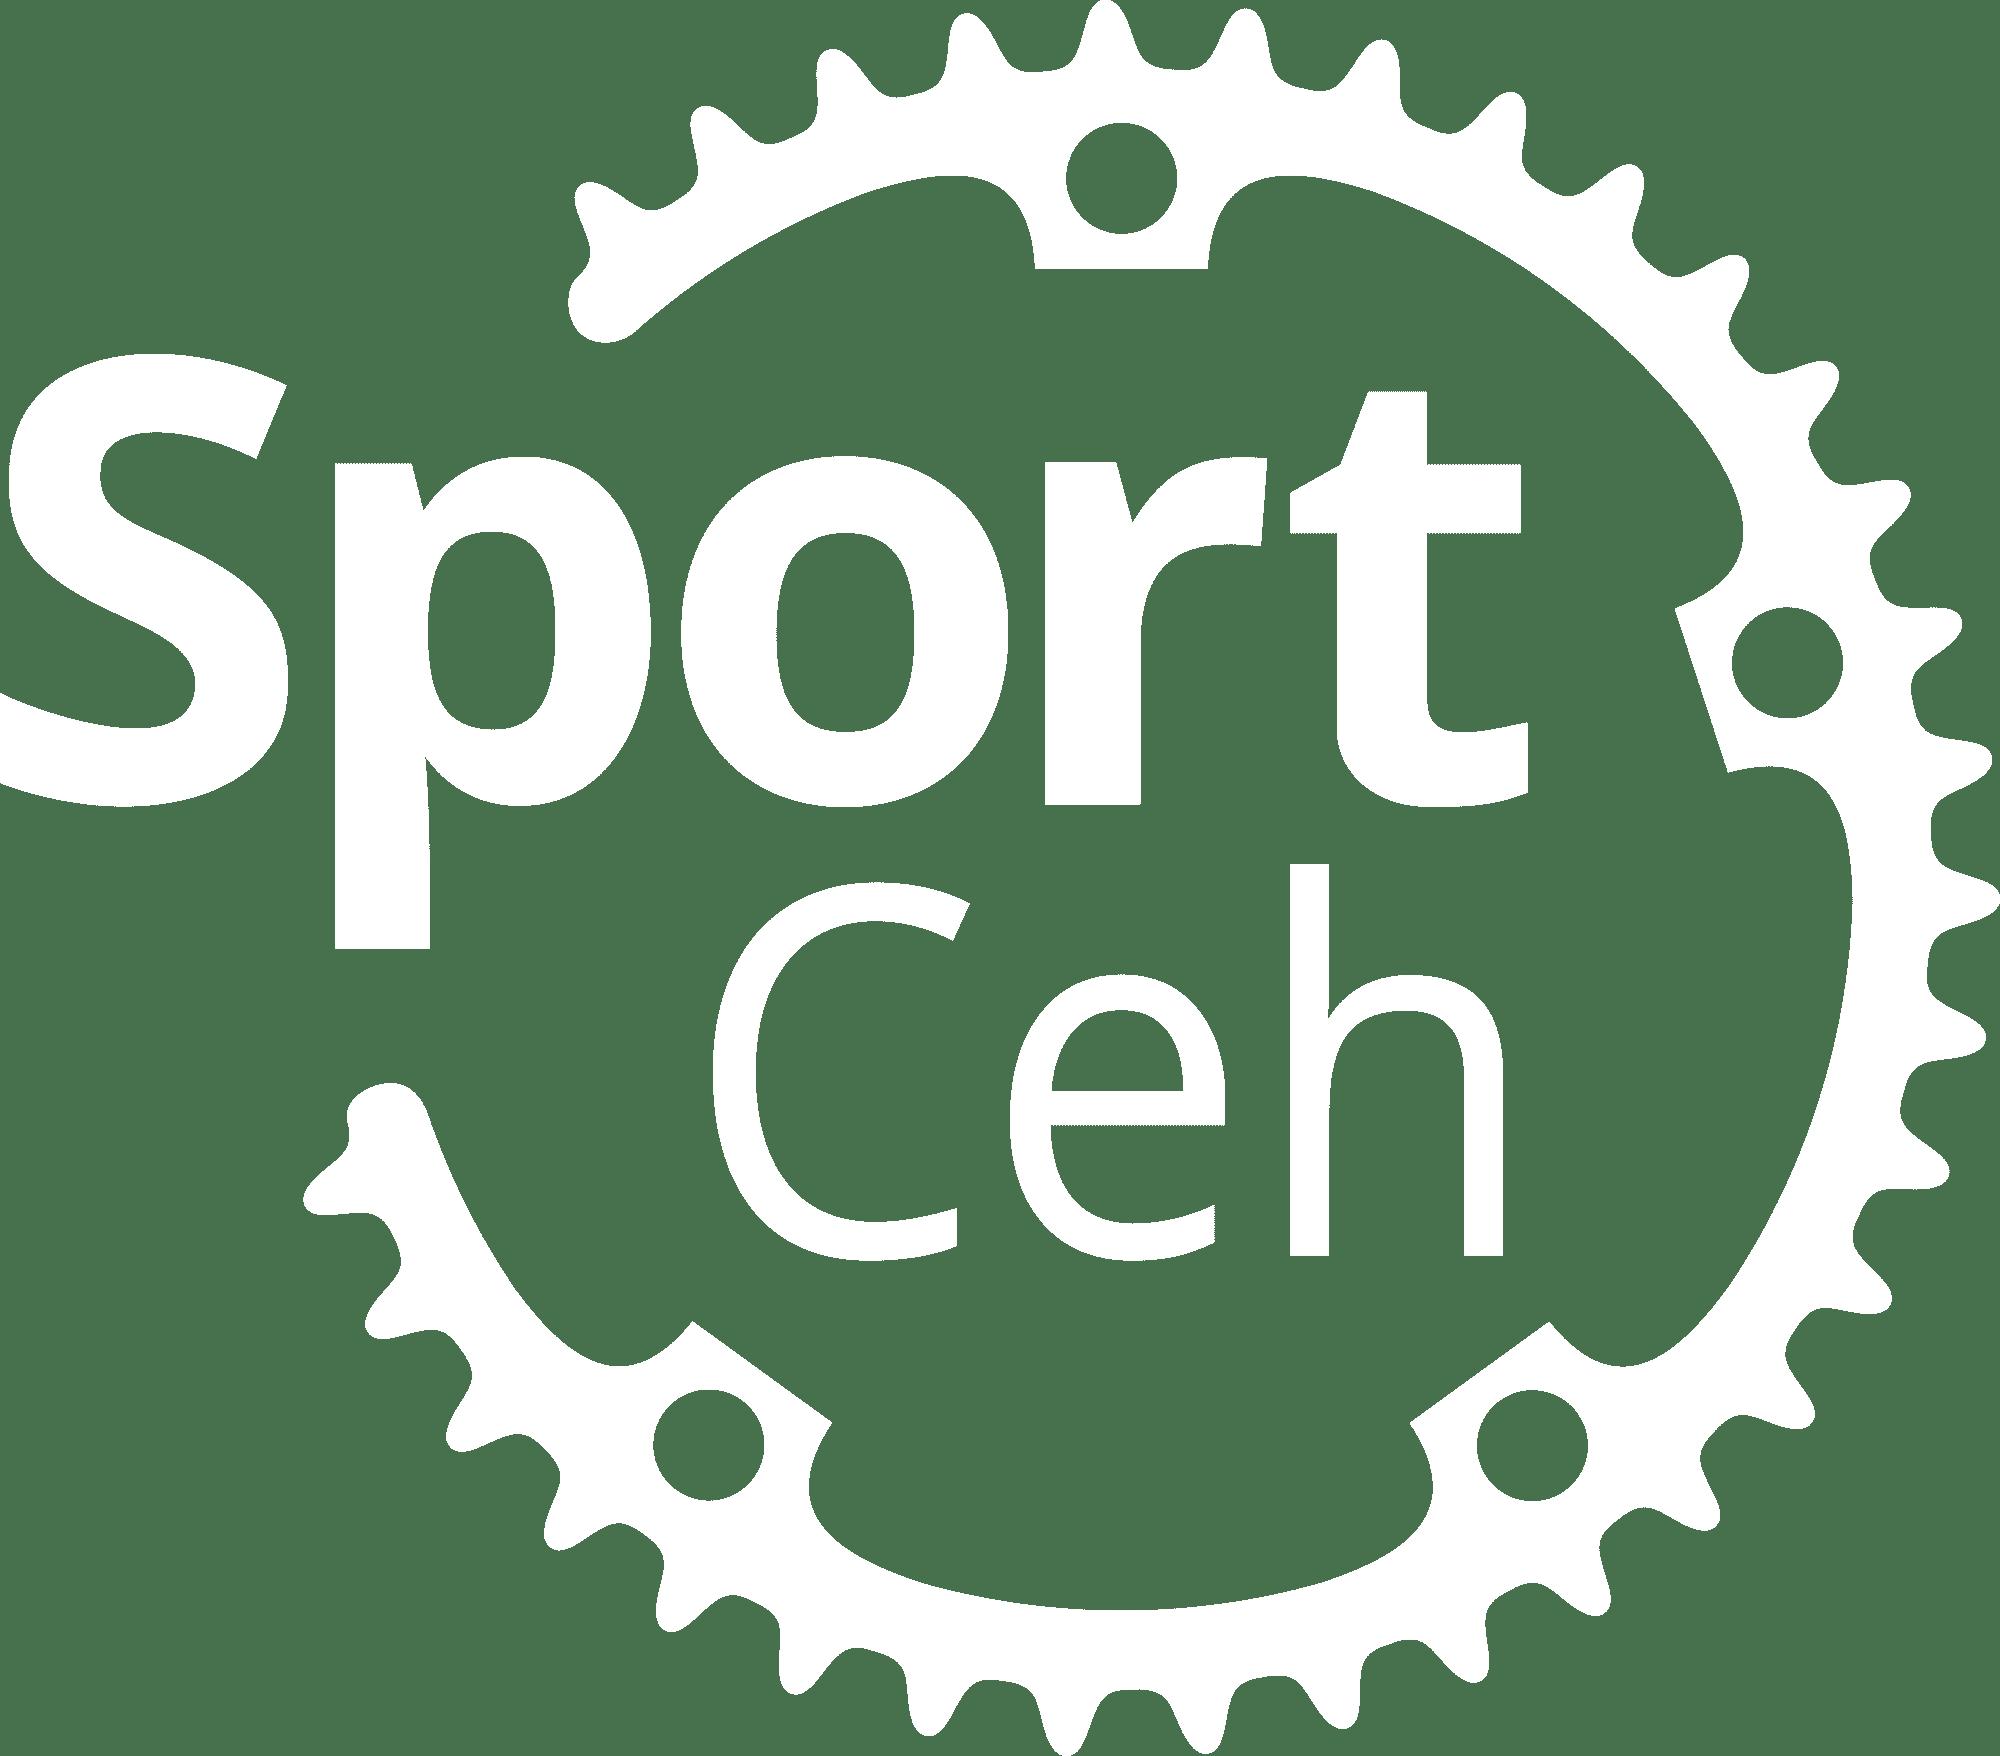 СпортЦех